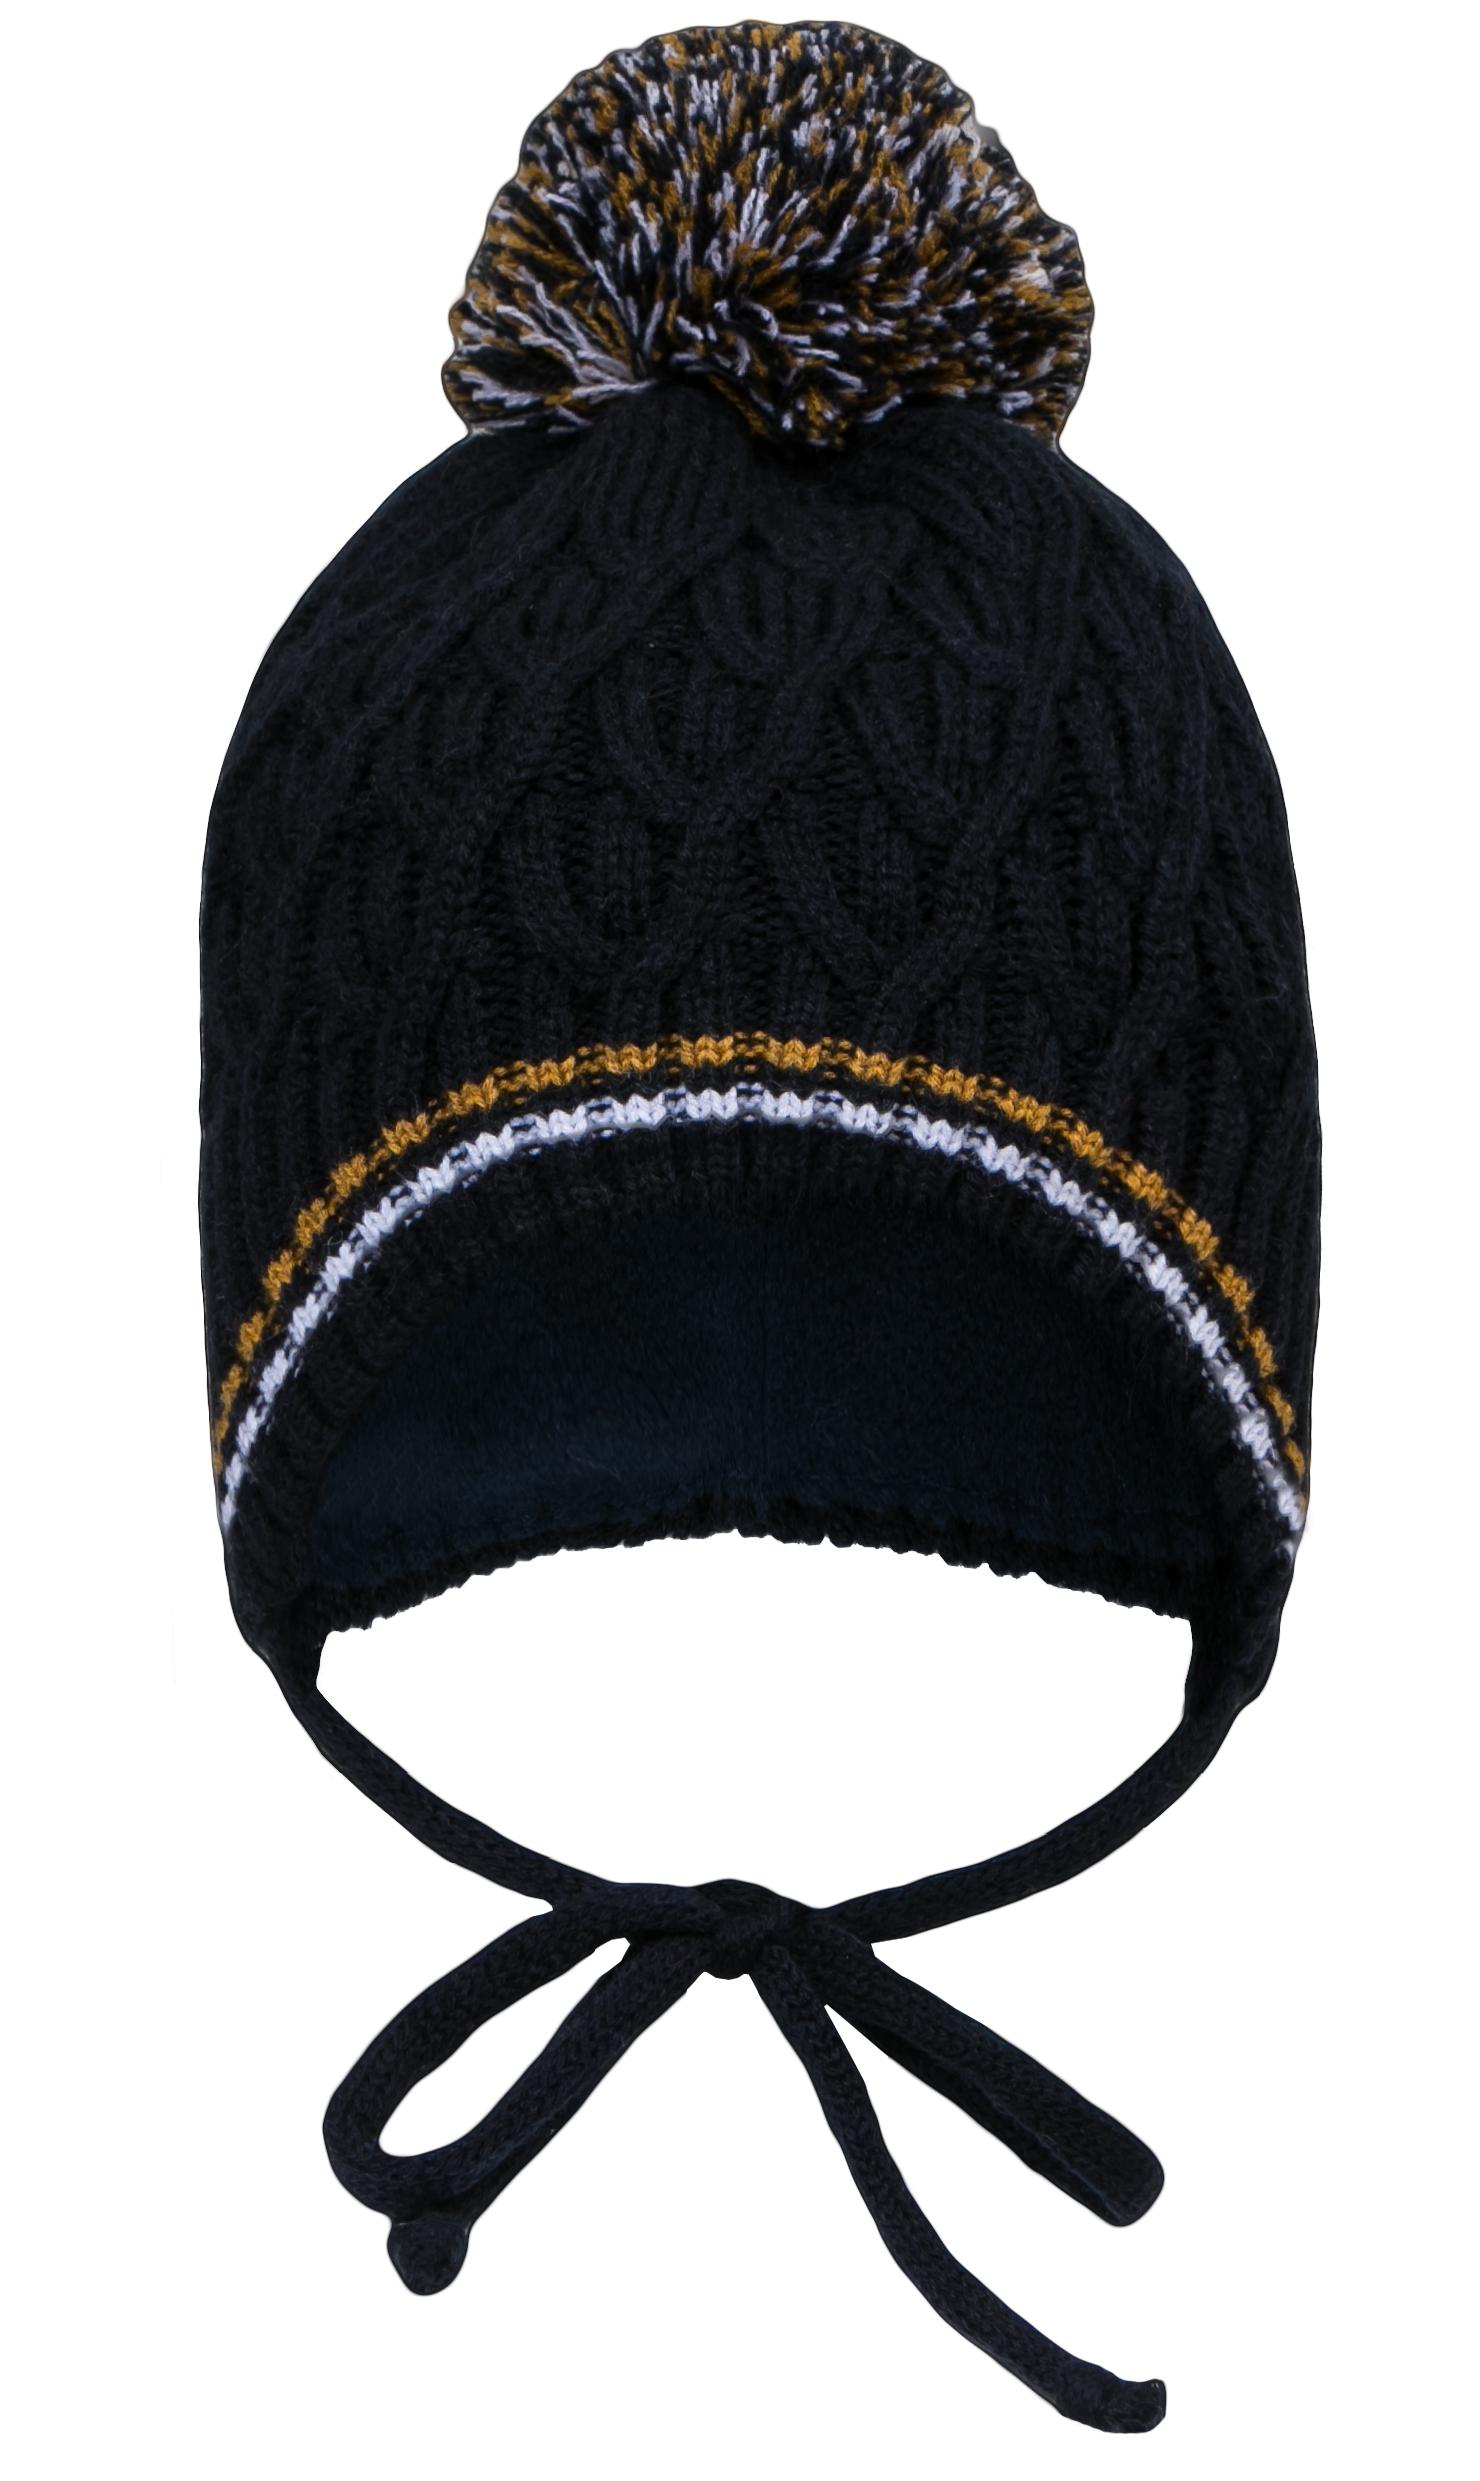 Шапка (ушанка) для мальчика Barkito W18B4014A(1) шапка ушанка для мальчика barkito темно синяя с рисунком в полоску